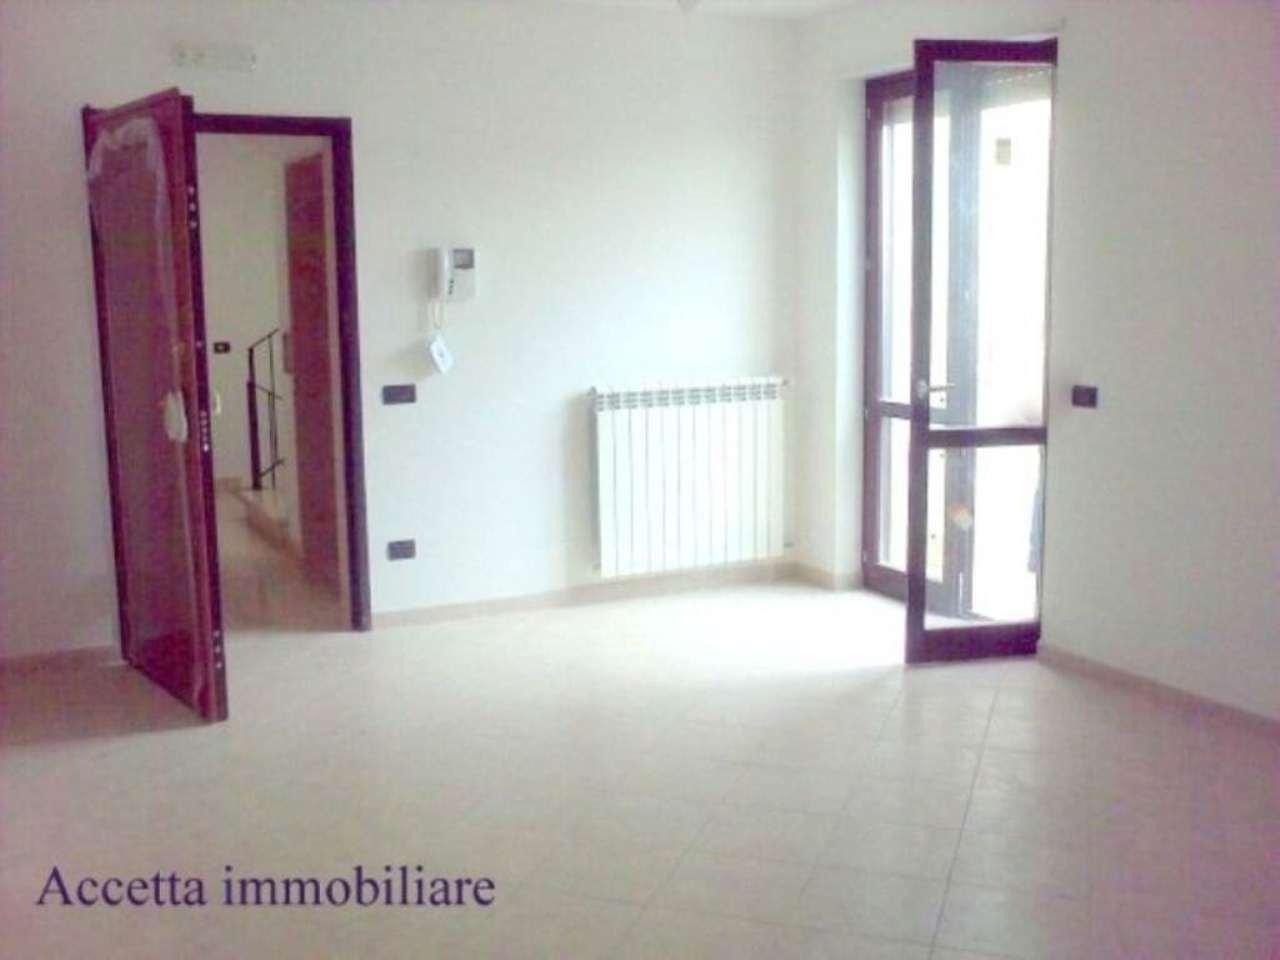 Appartamento in vendita a Monteiasi, 3 locali, prezzo € 68.000 | CambioCasa.it